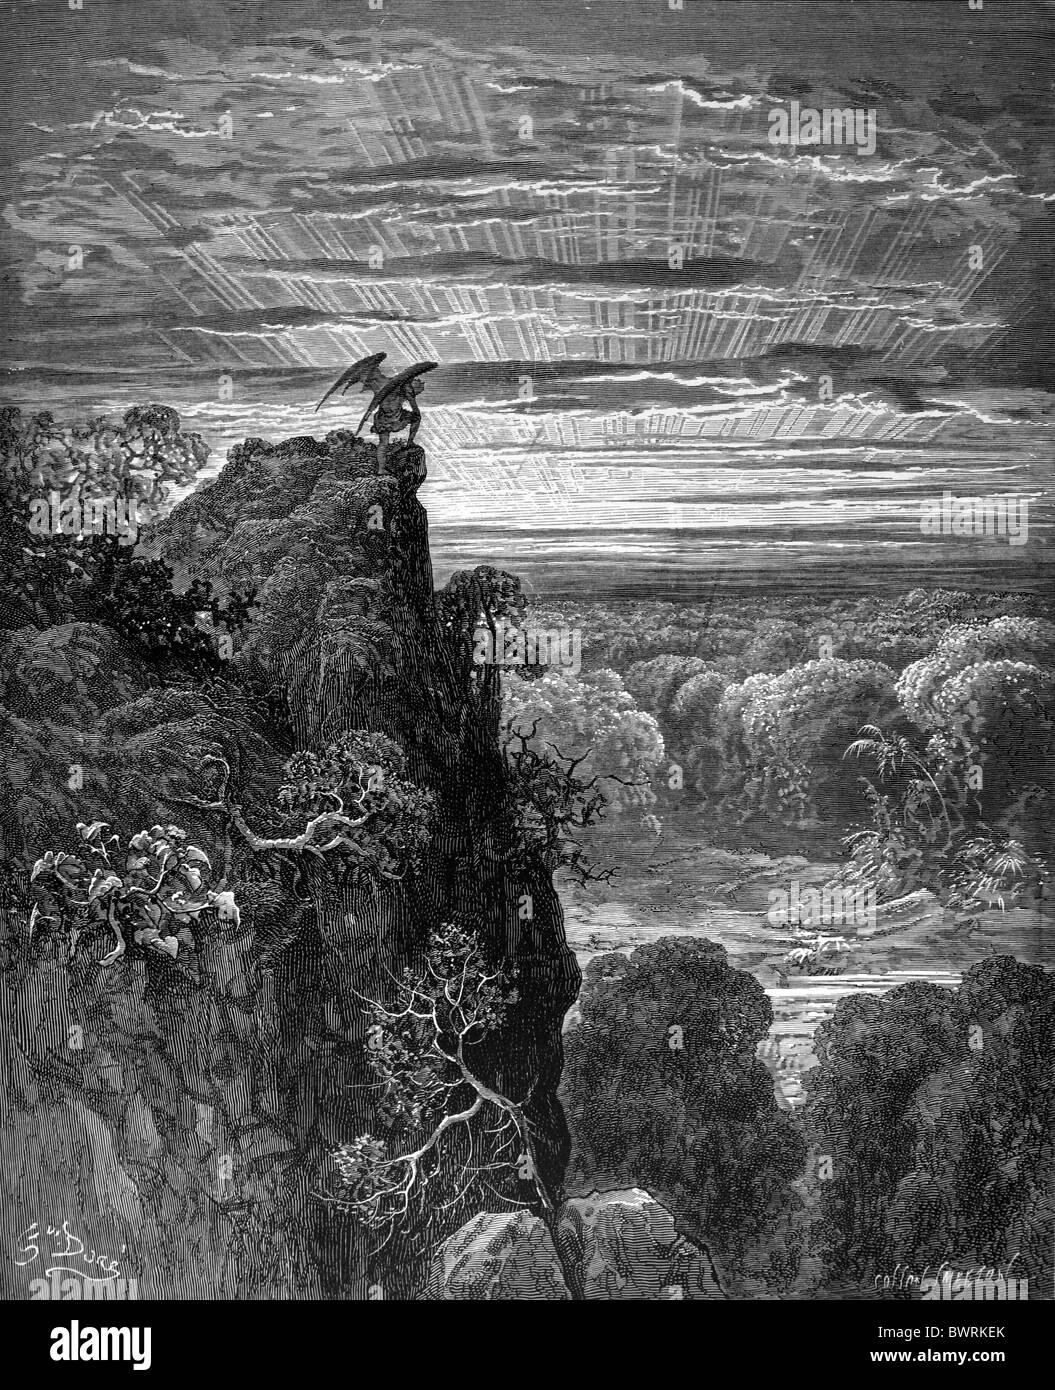 Gustave Doré; Satana OverlookingParadise da John Milton il paradiso perduto; Bianco e Nero incisione Immagini Stock